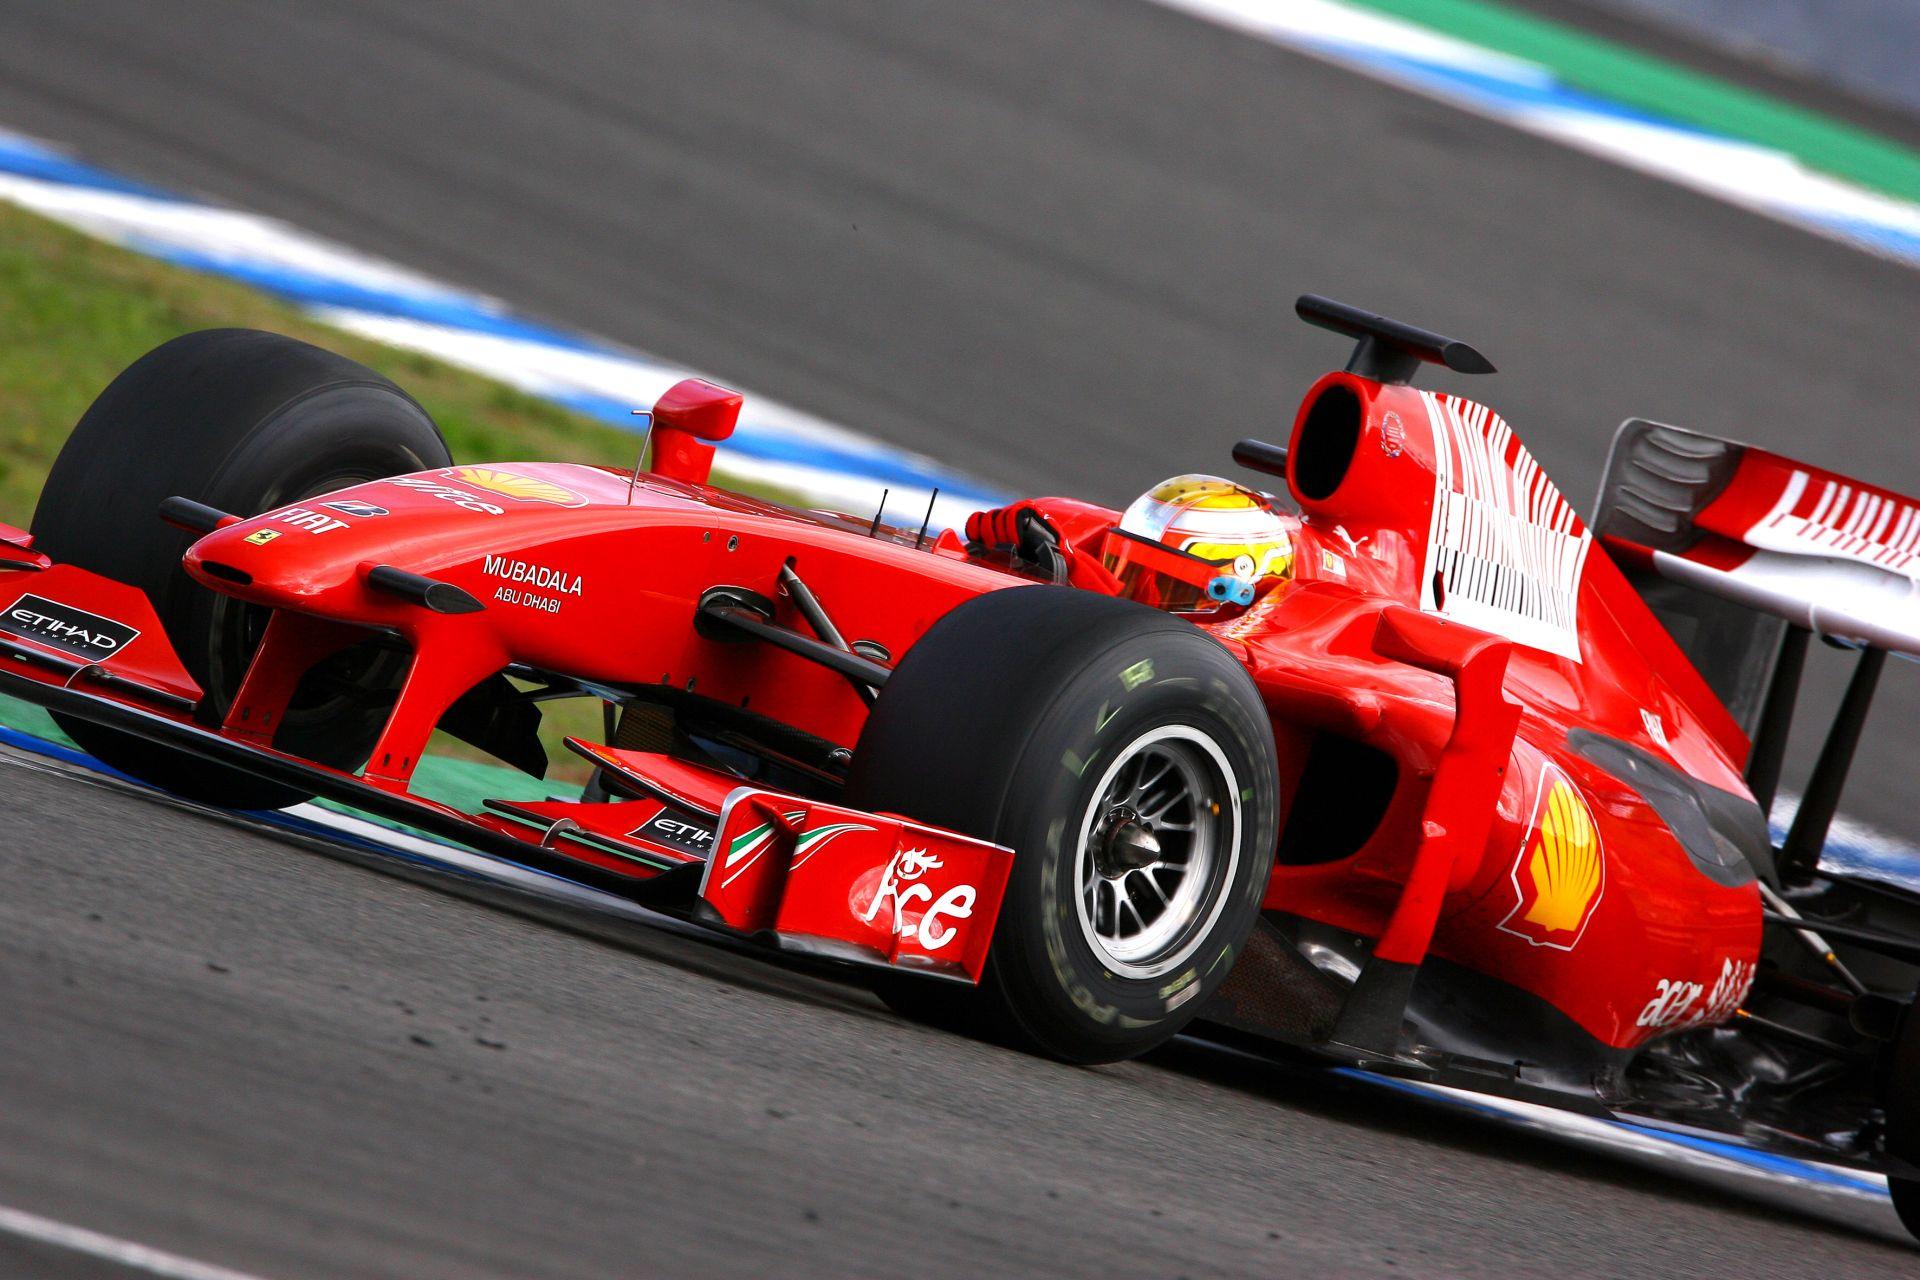 Bianchi a Ferrari színeiben: Egy soha be nem teljesült álom